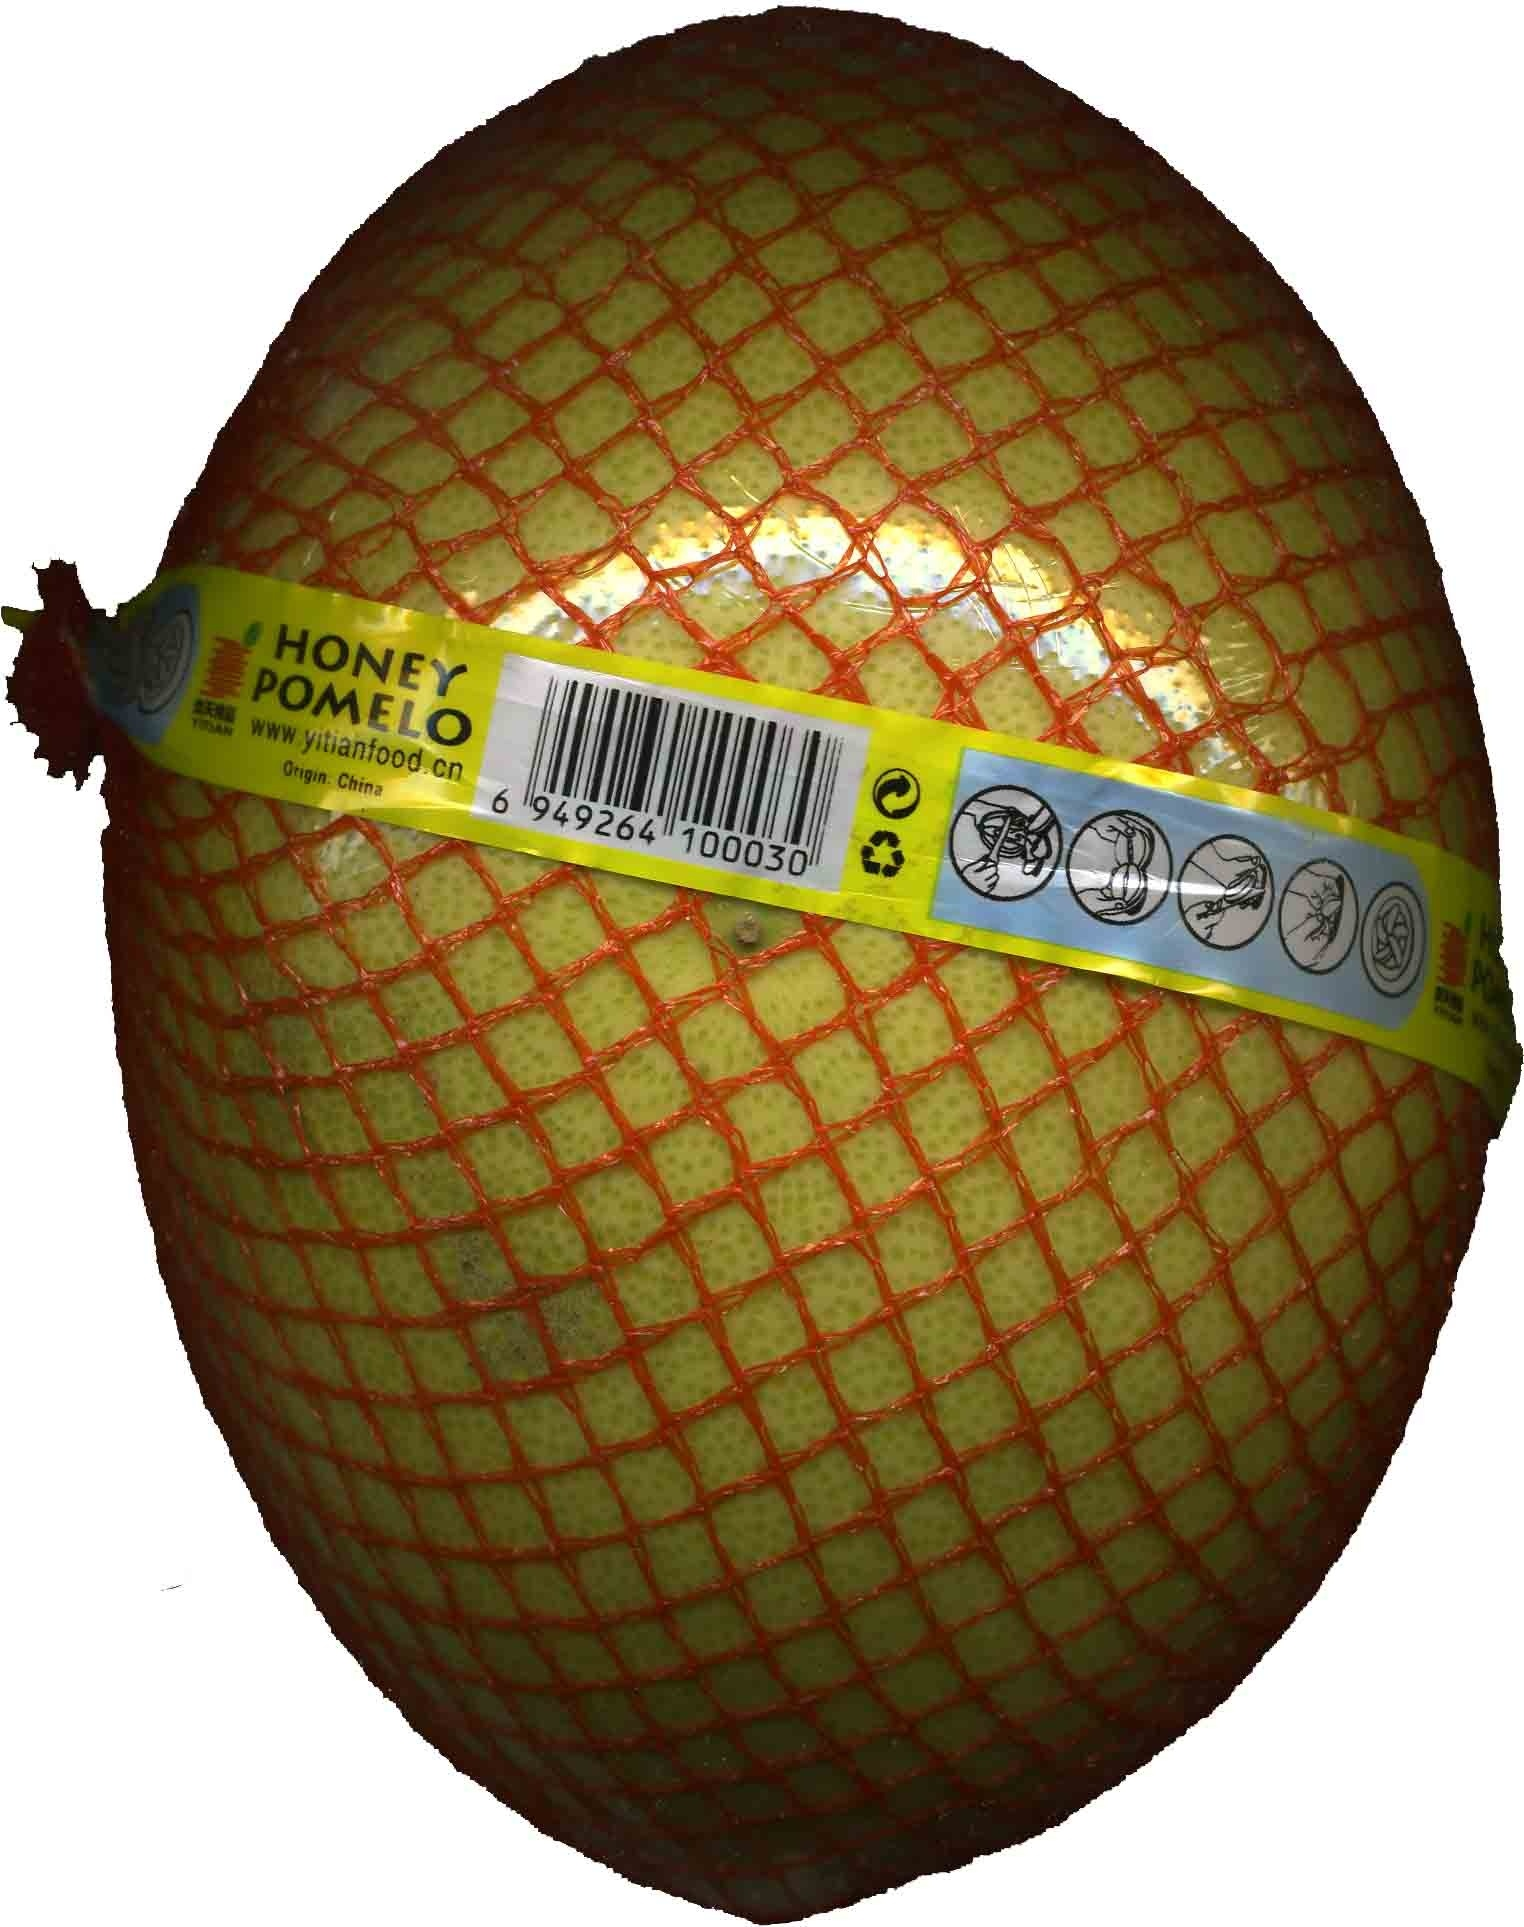 Honey pomelo - Producto - es